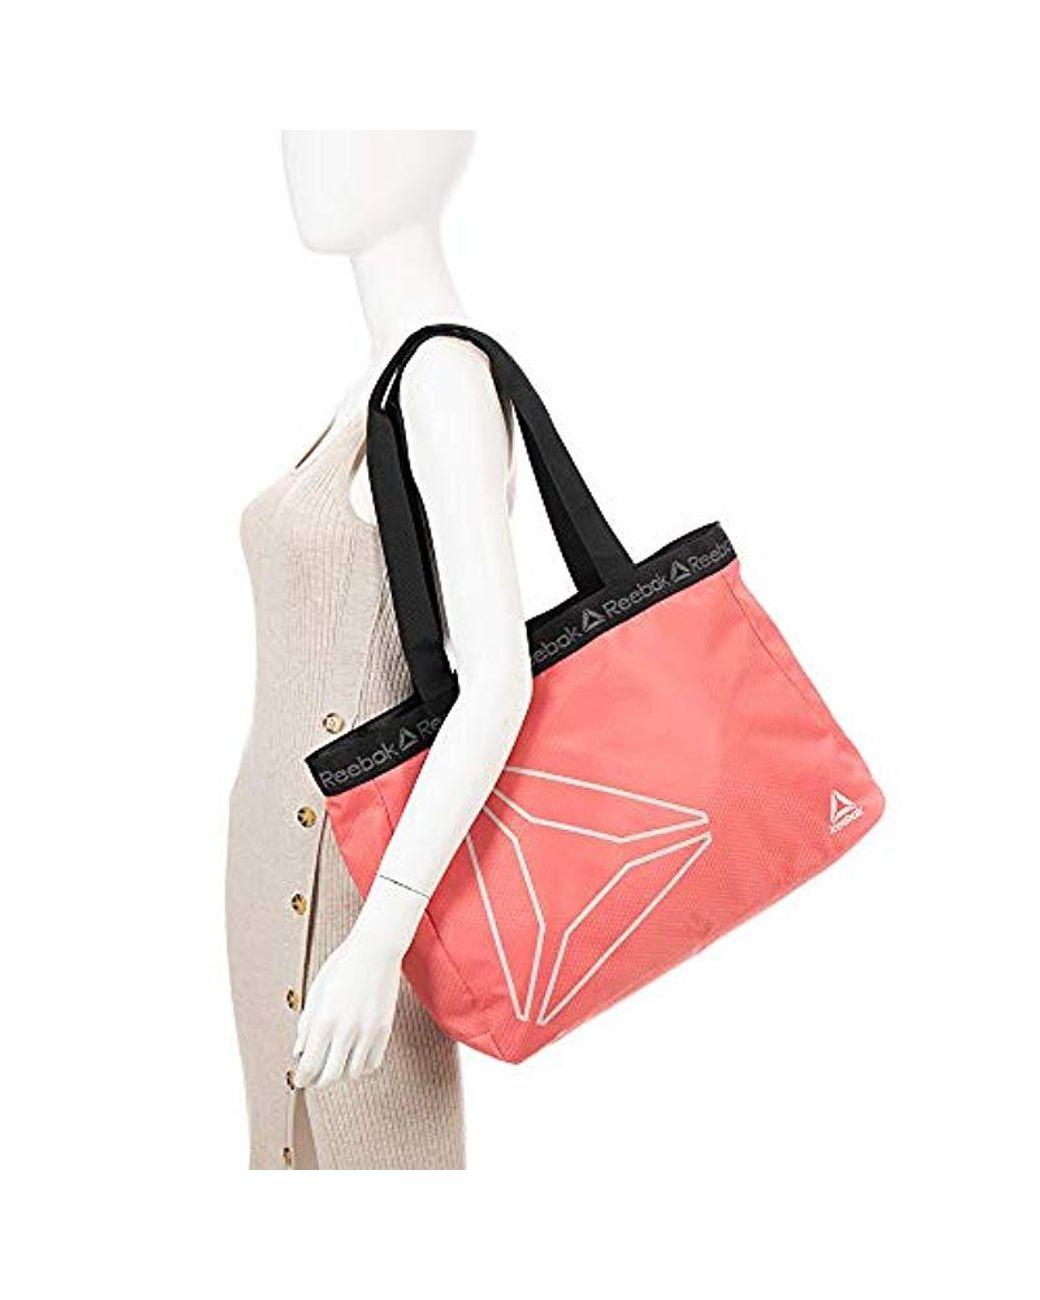 c09de8f98a77 Reebok Tote Bag, Studio Series Bijou Tote Bag (rose) - Lyst